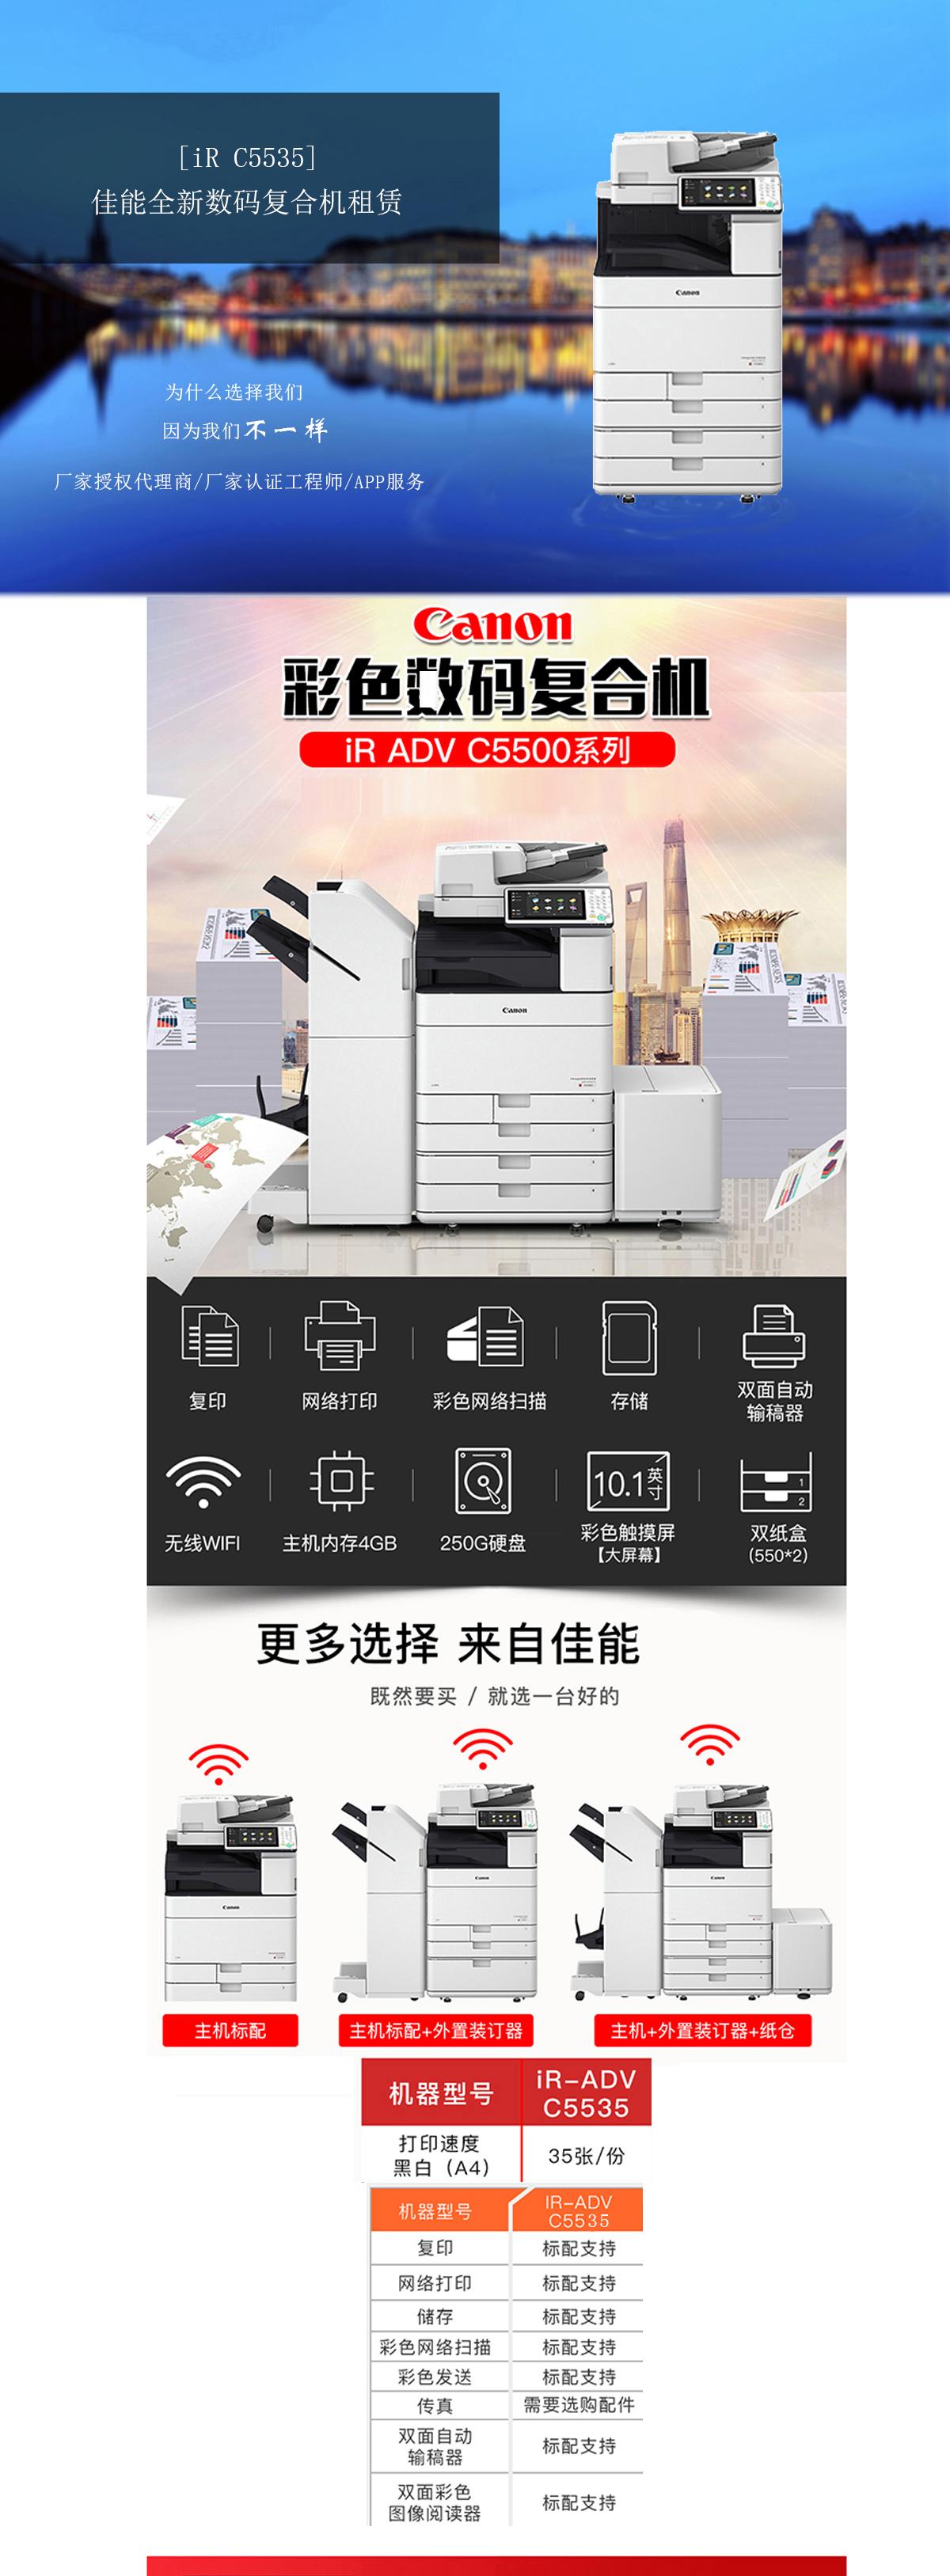 (全新机)IR-ADV C5535 佳能复合机A3A4彩色激光网络打印扫描一体机(打印/复印/网络扫描)(图1)